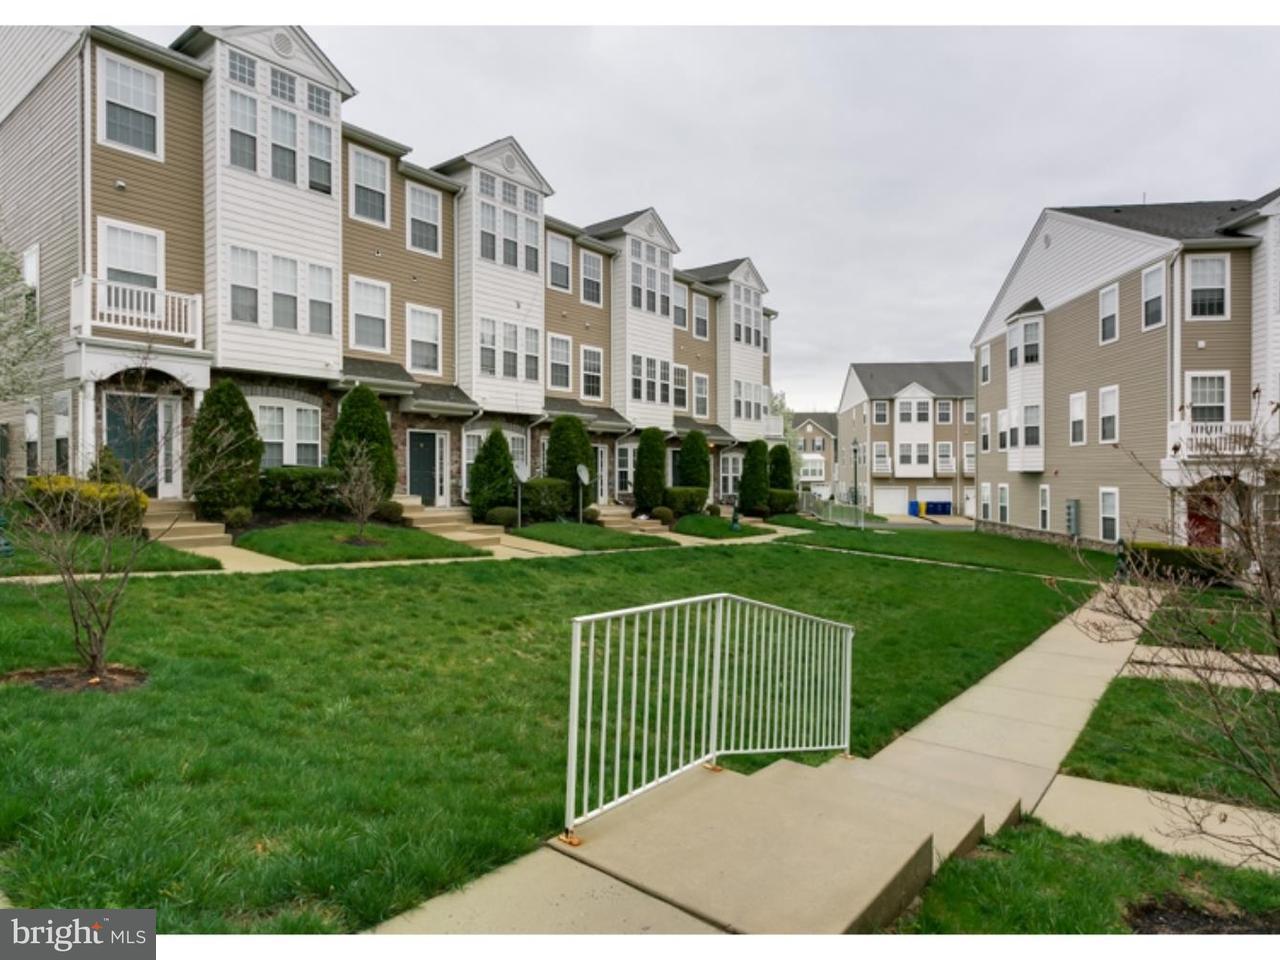 Appartement en copropriété pour l Vente à 8 TEAL Court Delanco Township, New Jersey 08075 États-Unis